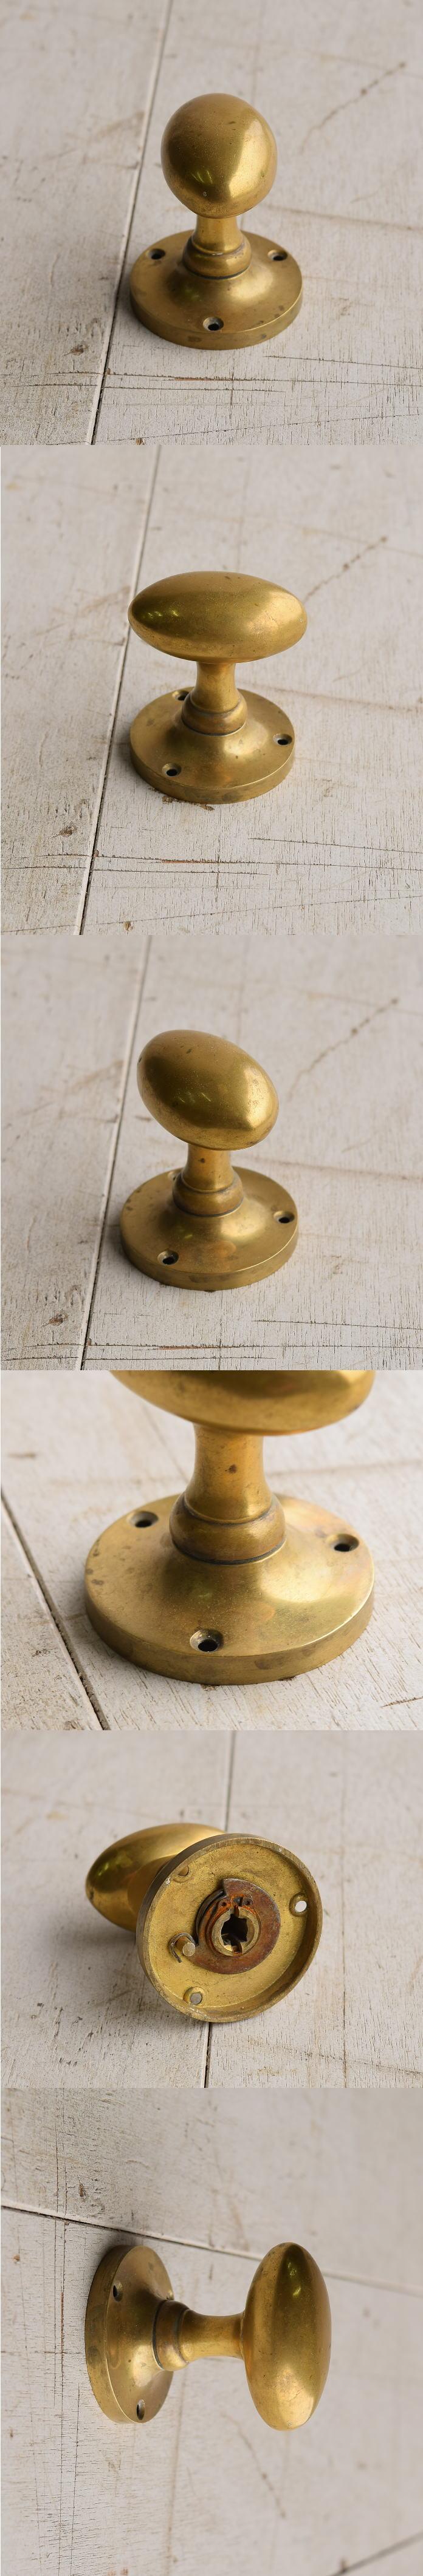 イギリス アンティーク 真鍮 ドアノブ 建具金物 握り玉 7667